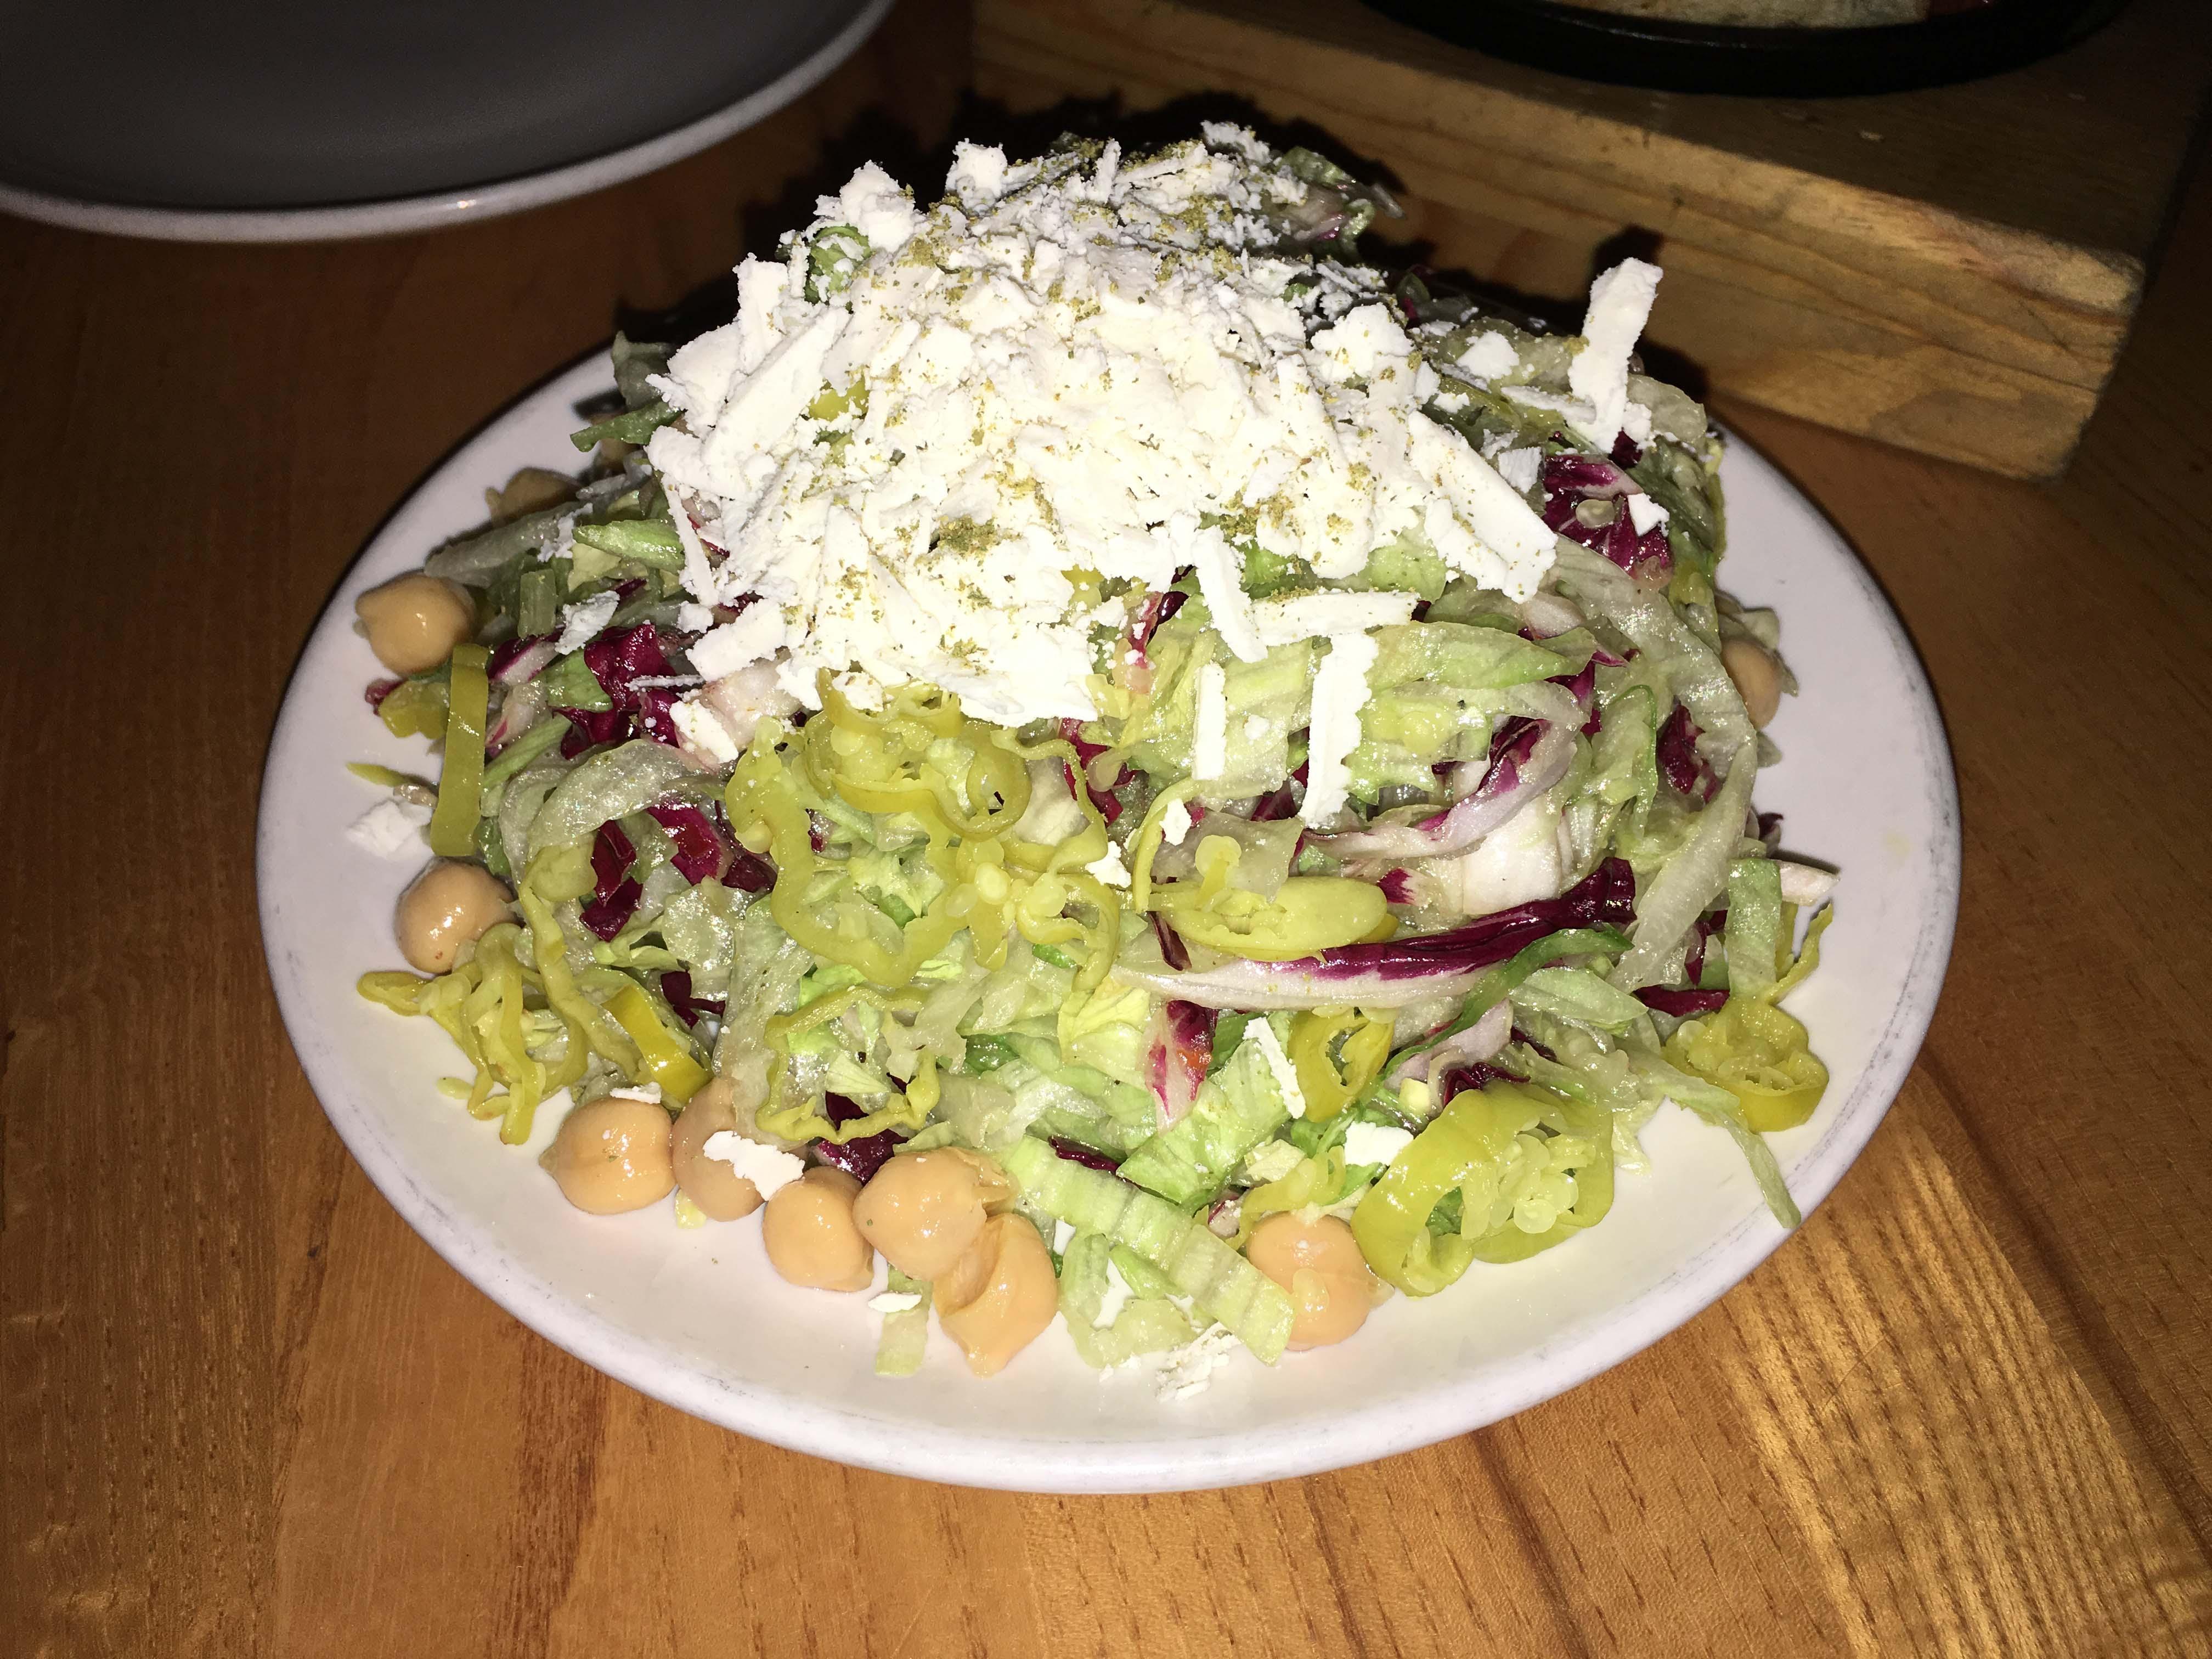 Harvest house salad half portion